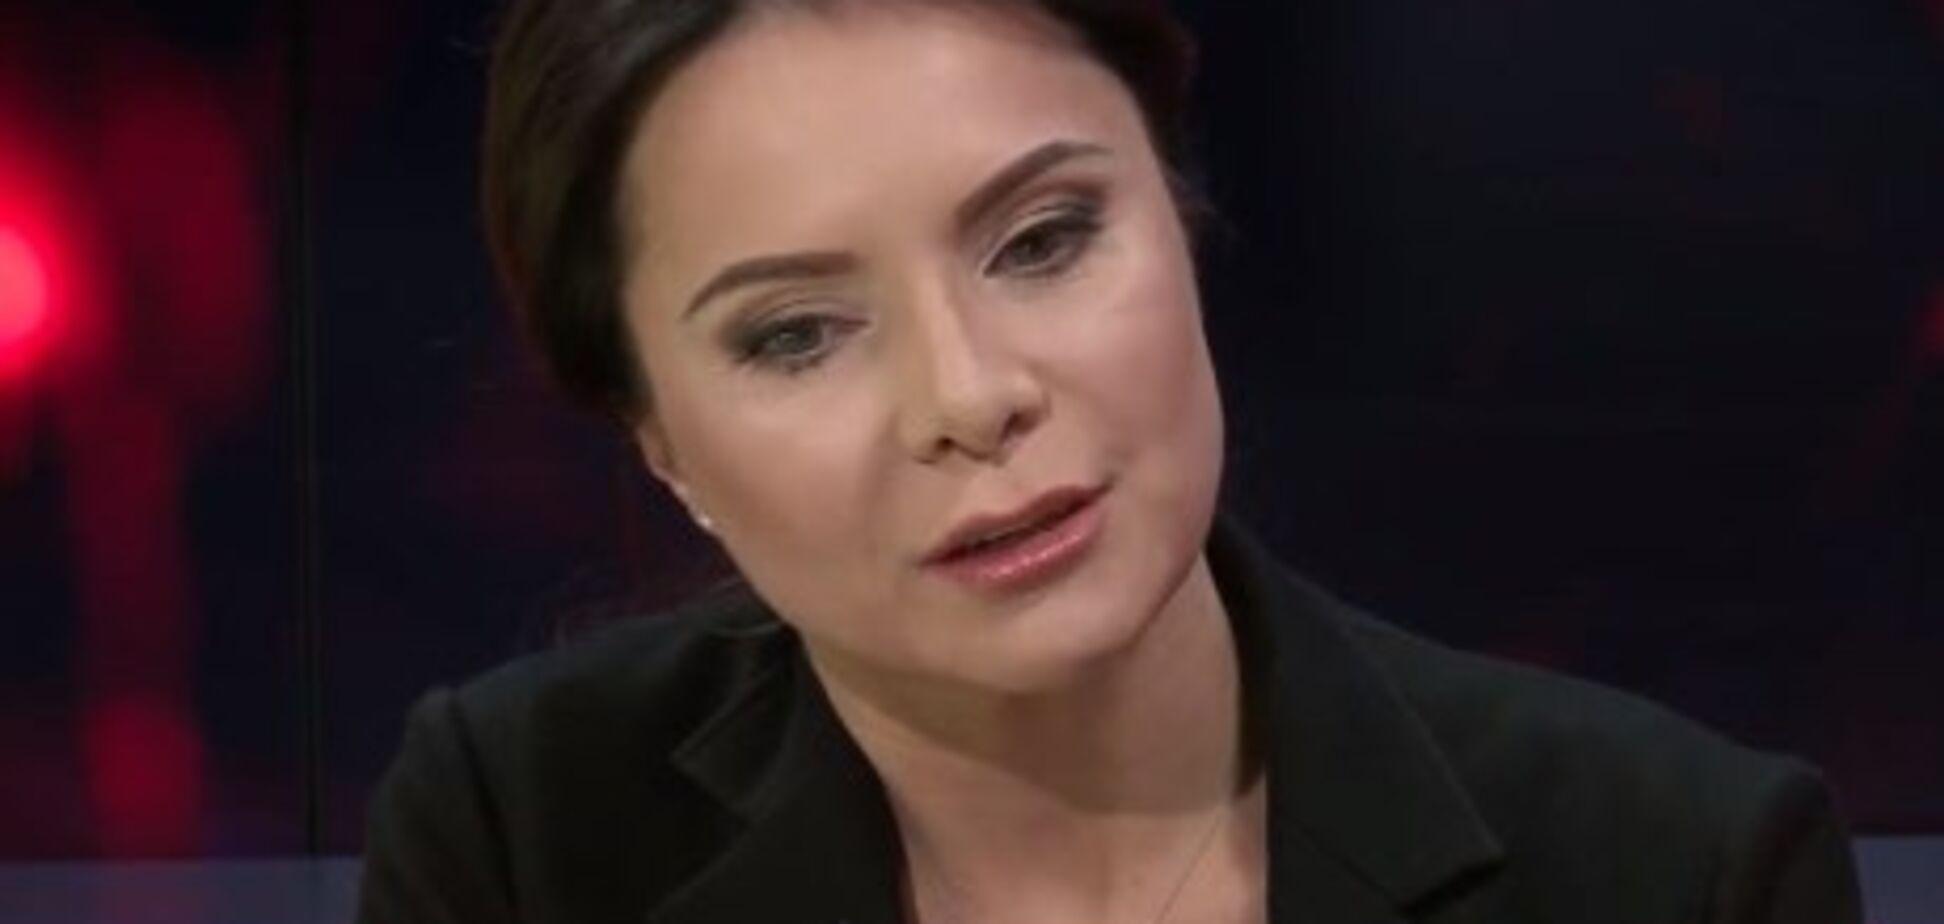 'Це помилка': Подкопаєва вперше заговорила про затримання екс-чоловіка